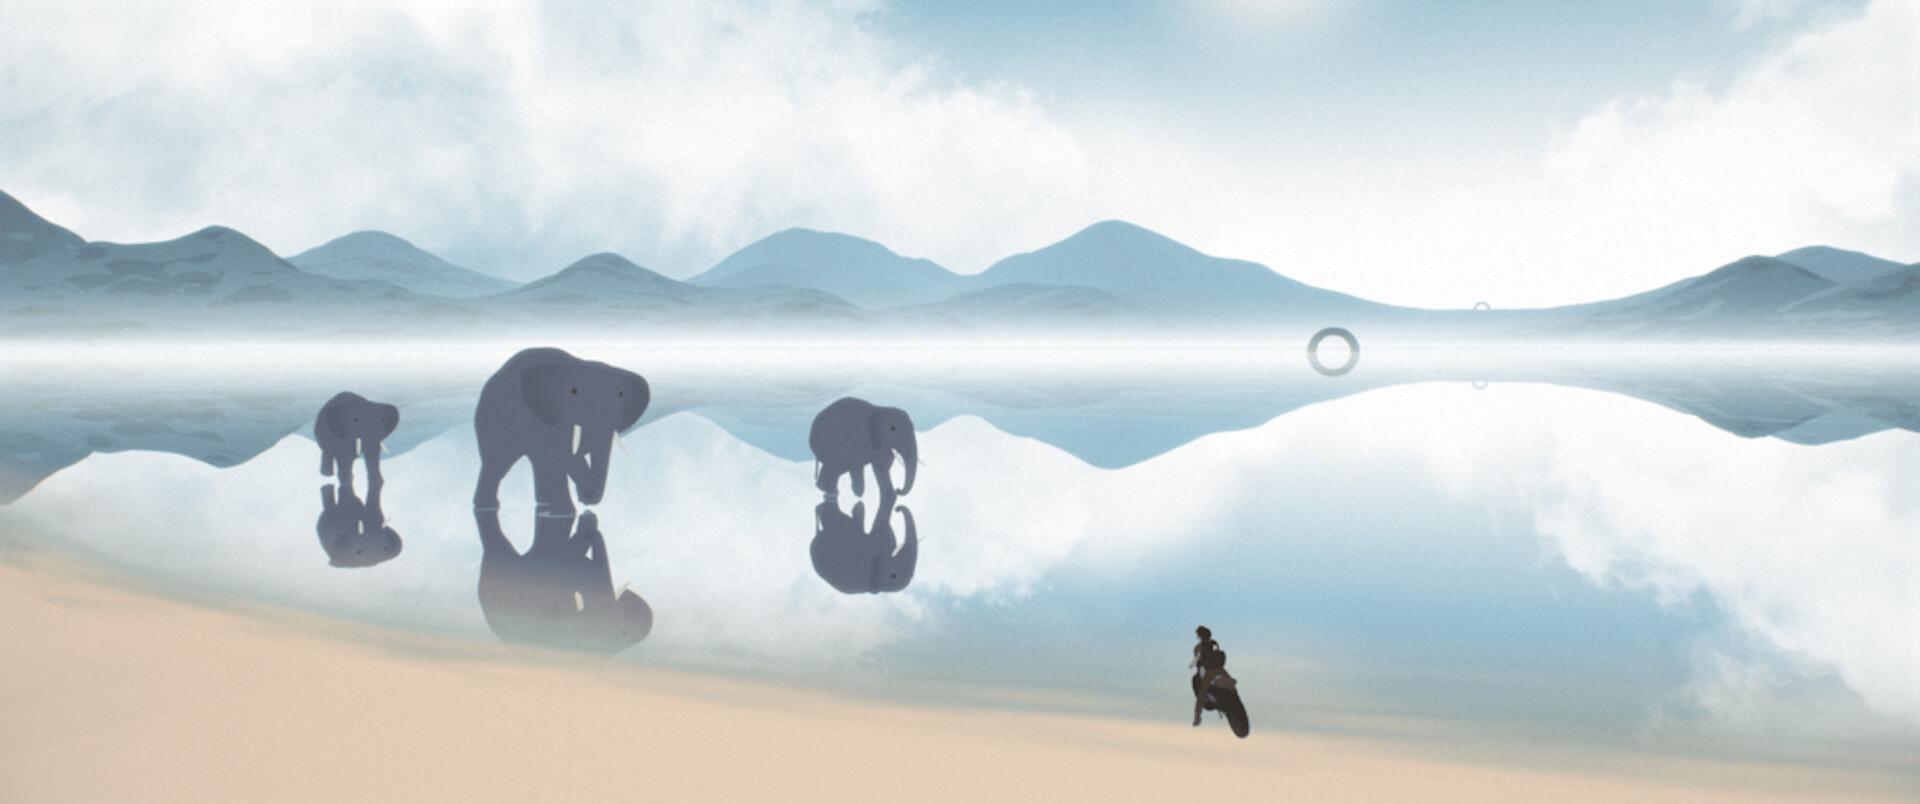 世界の映画祭で大絶賛のアニメーション映画『Away』の本編映像が到着!たった一人で製作・監督・編集・音楽を担当した長編大作 film201201_away_05